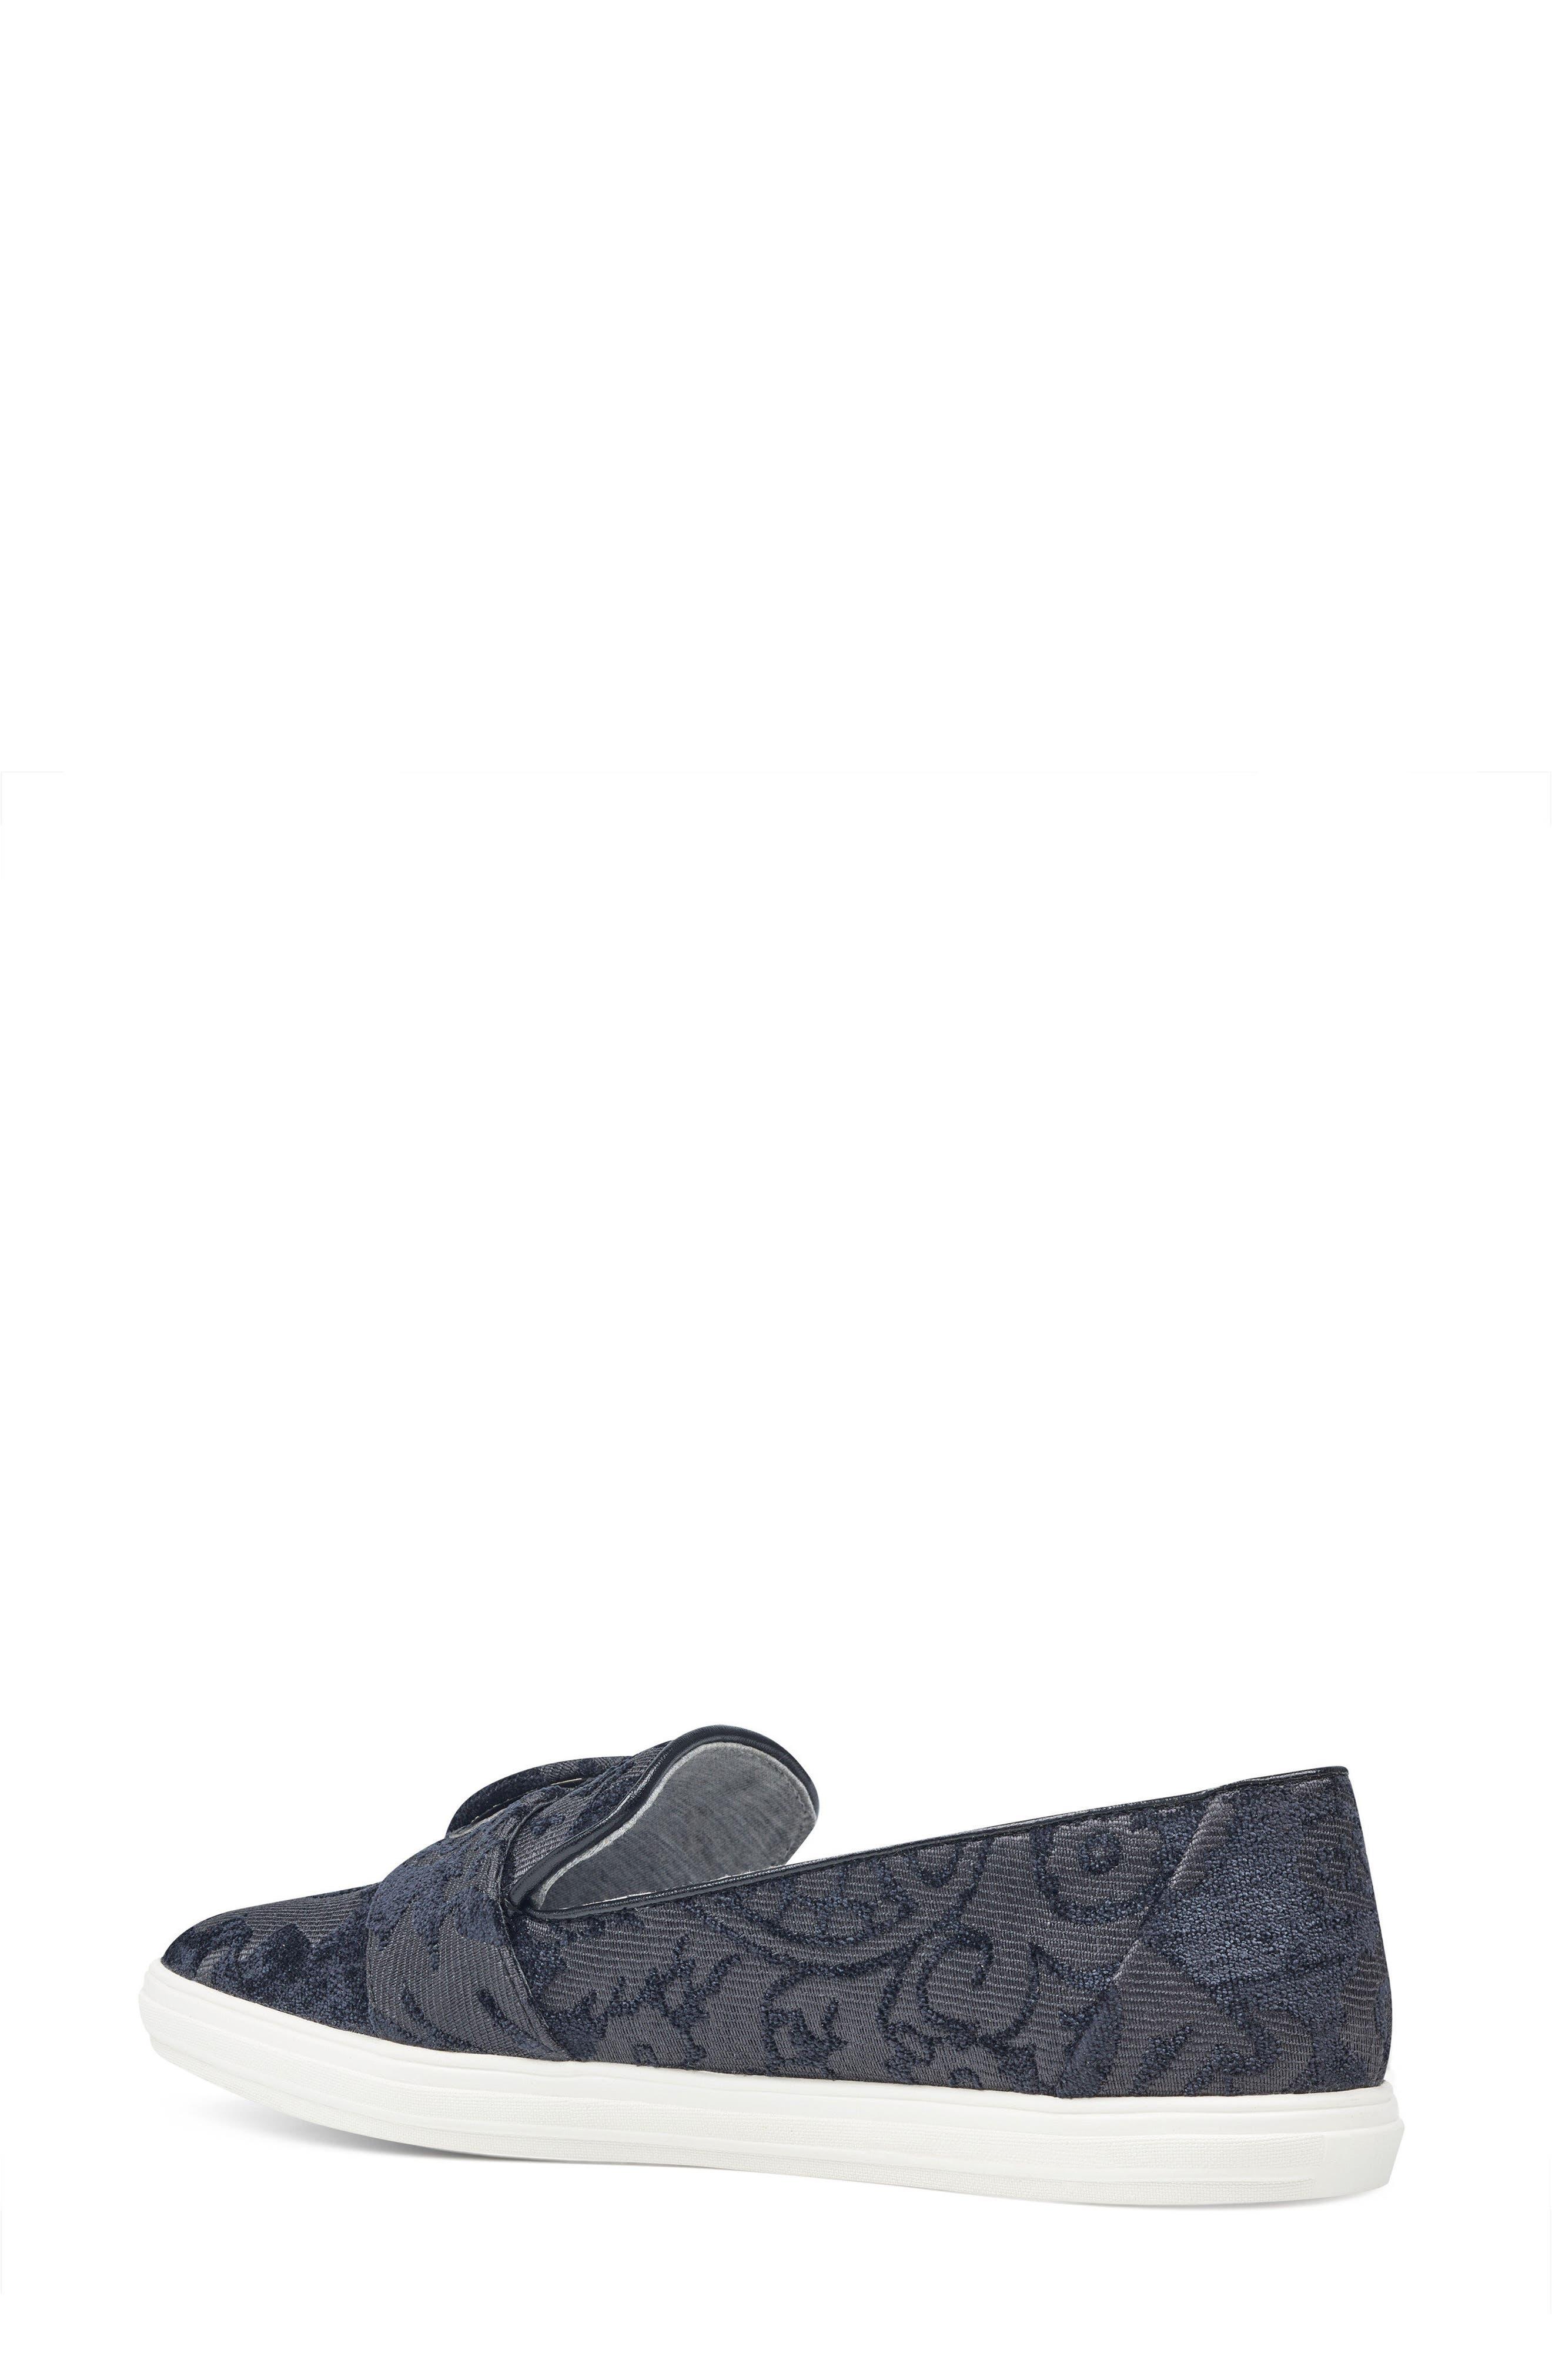 Shireene Slip-On Sneaker,                             Alternate thumbnail 2, color,                             002